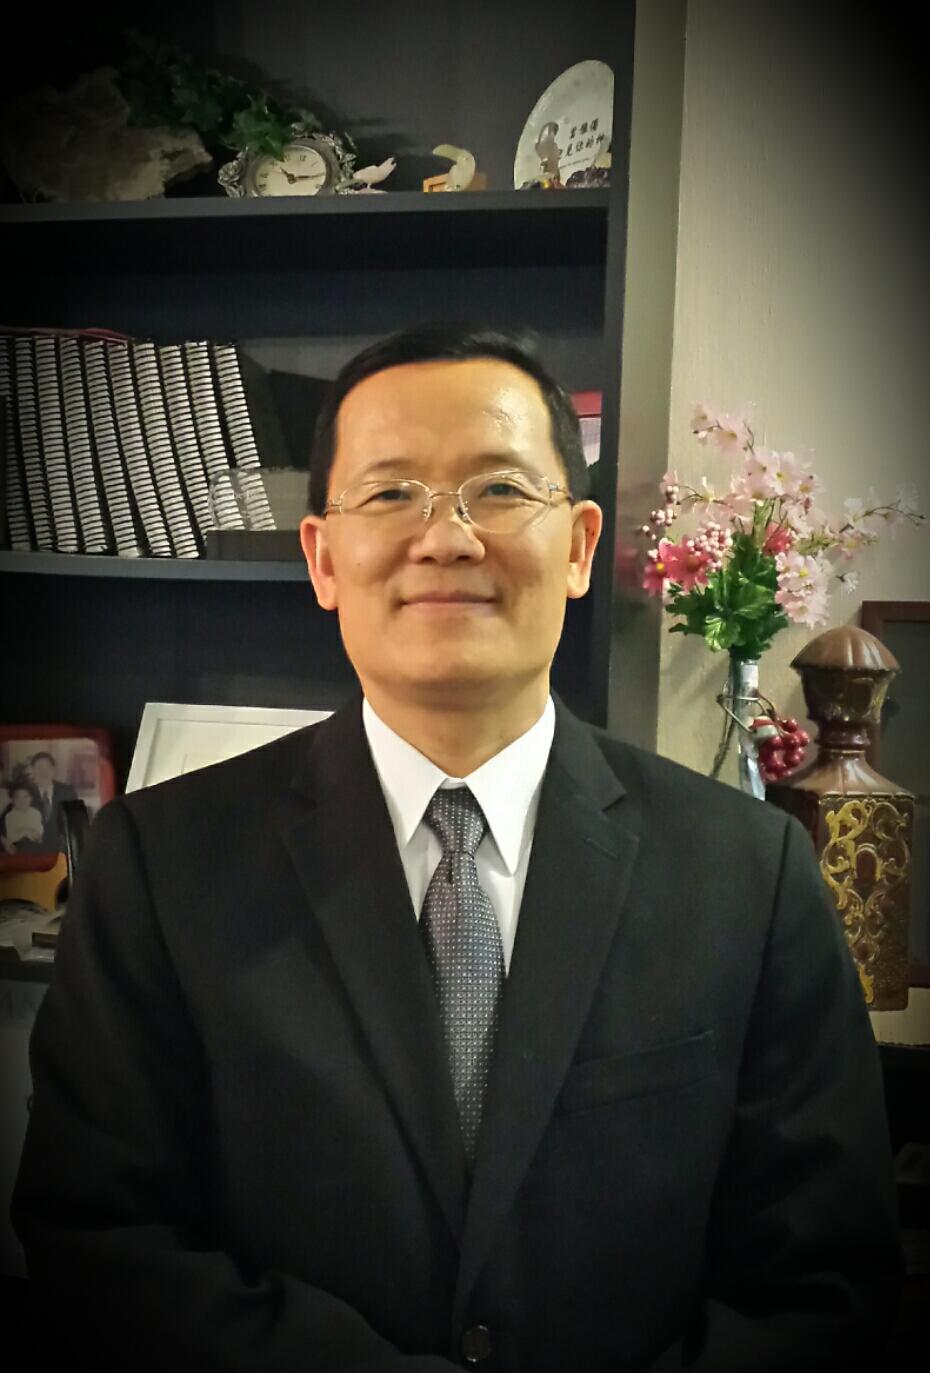 Steward Huang